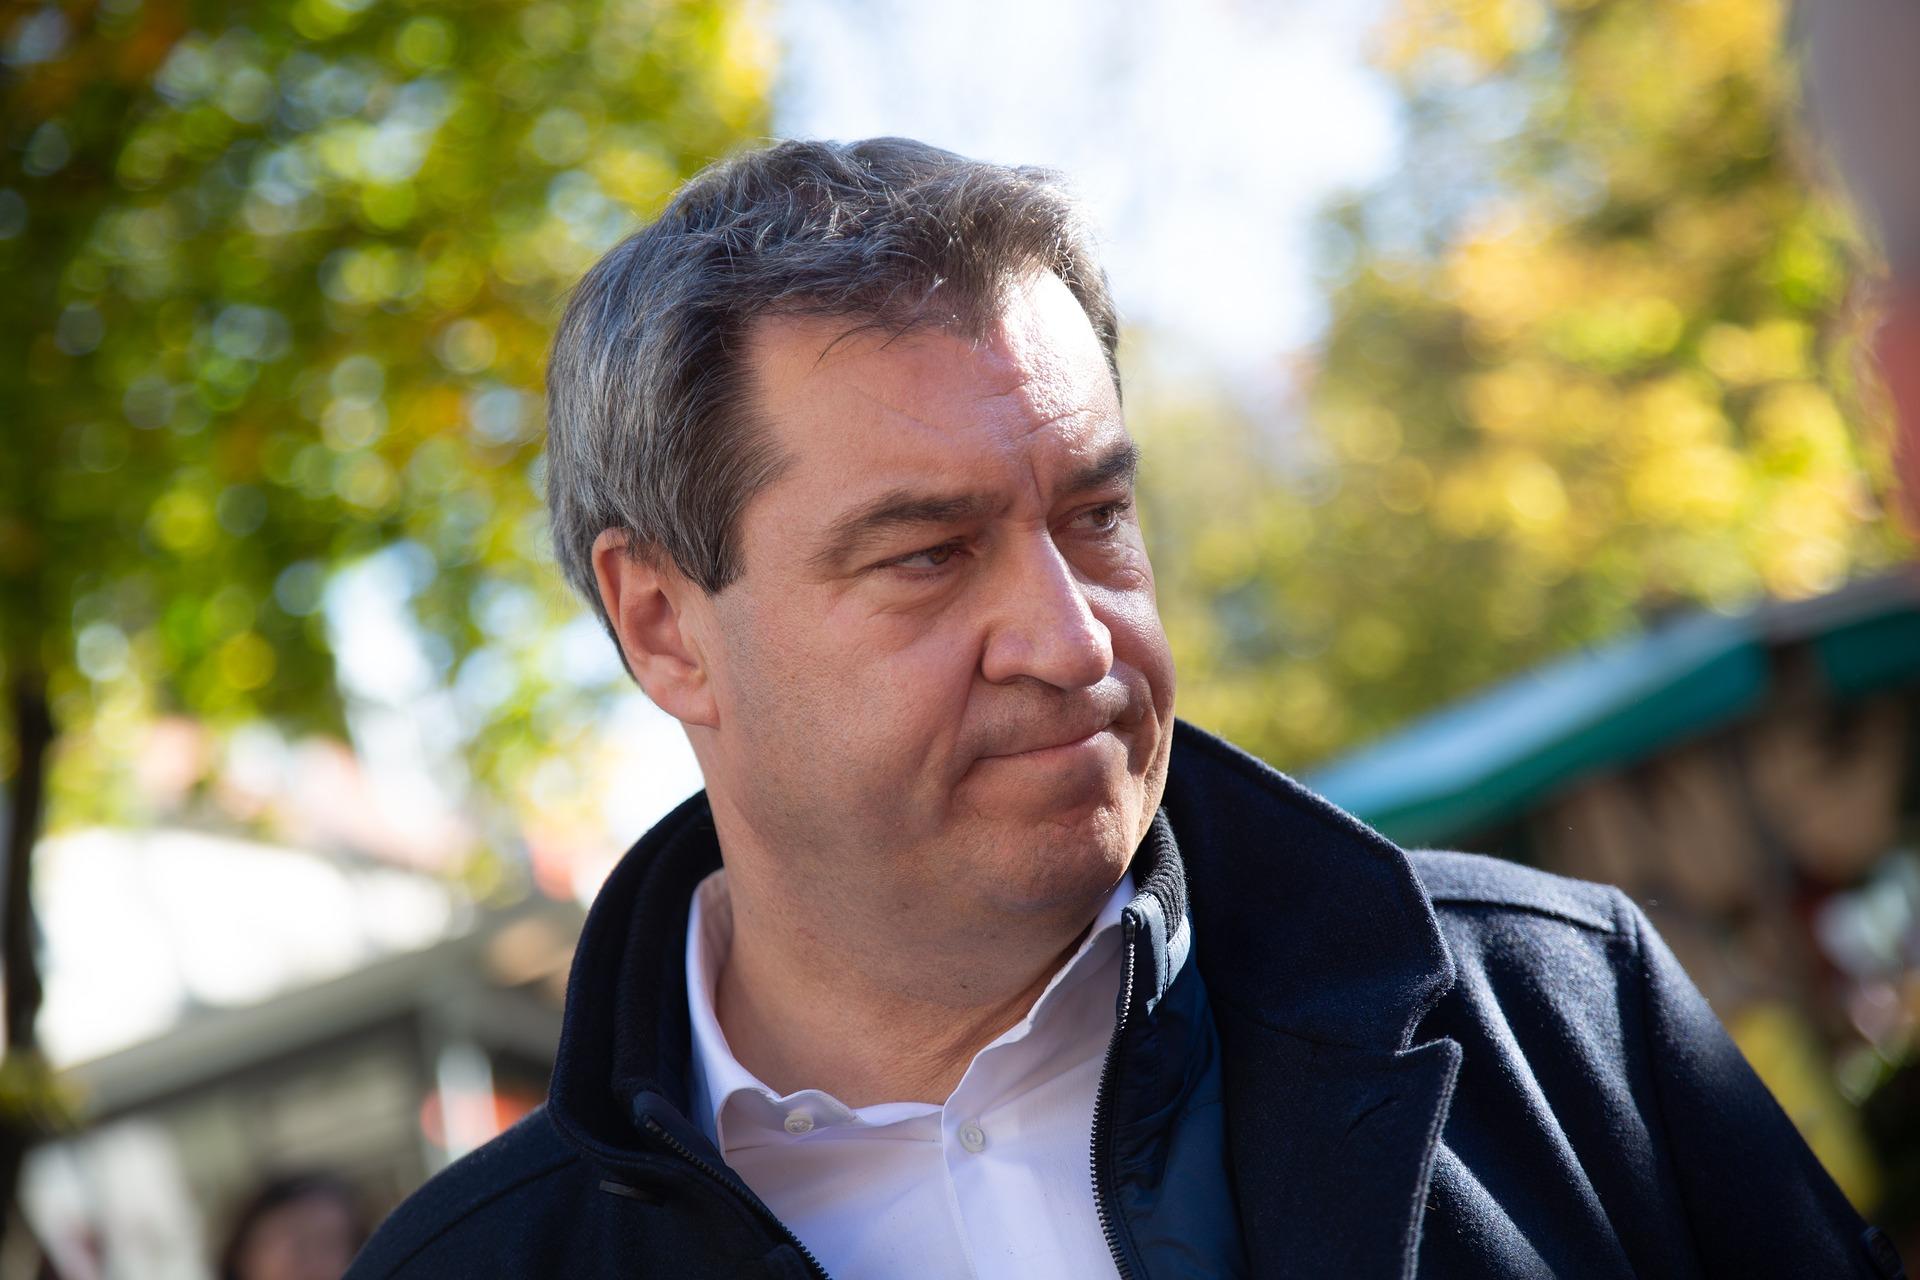 Markus Söder: Bundesweite Maskenpflicht, mehr Kompetenzen für Bund